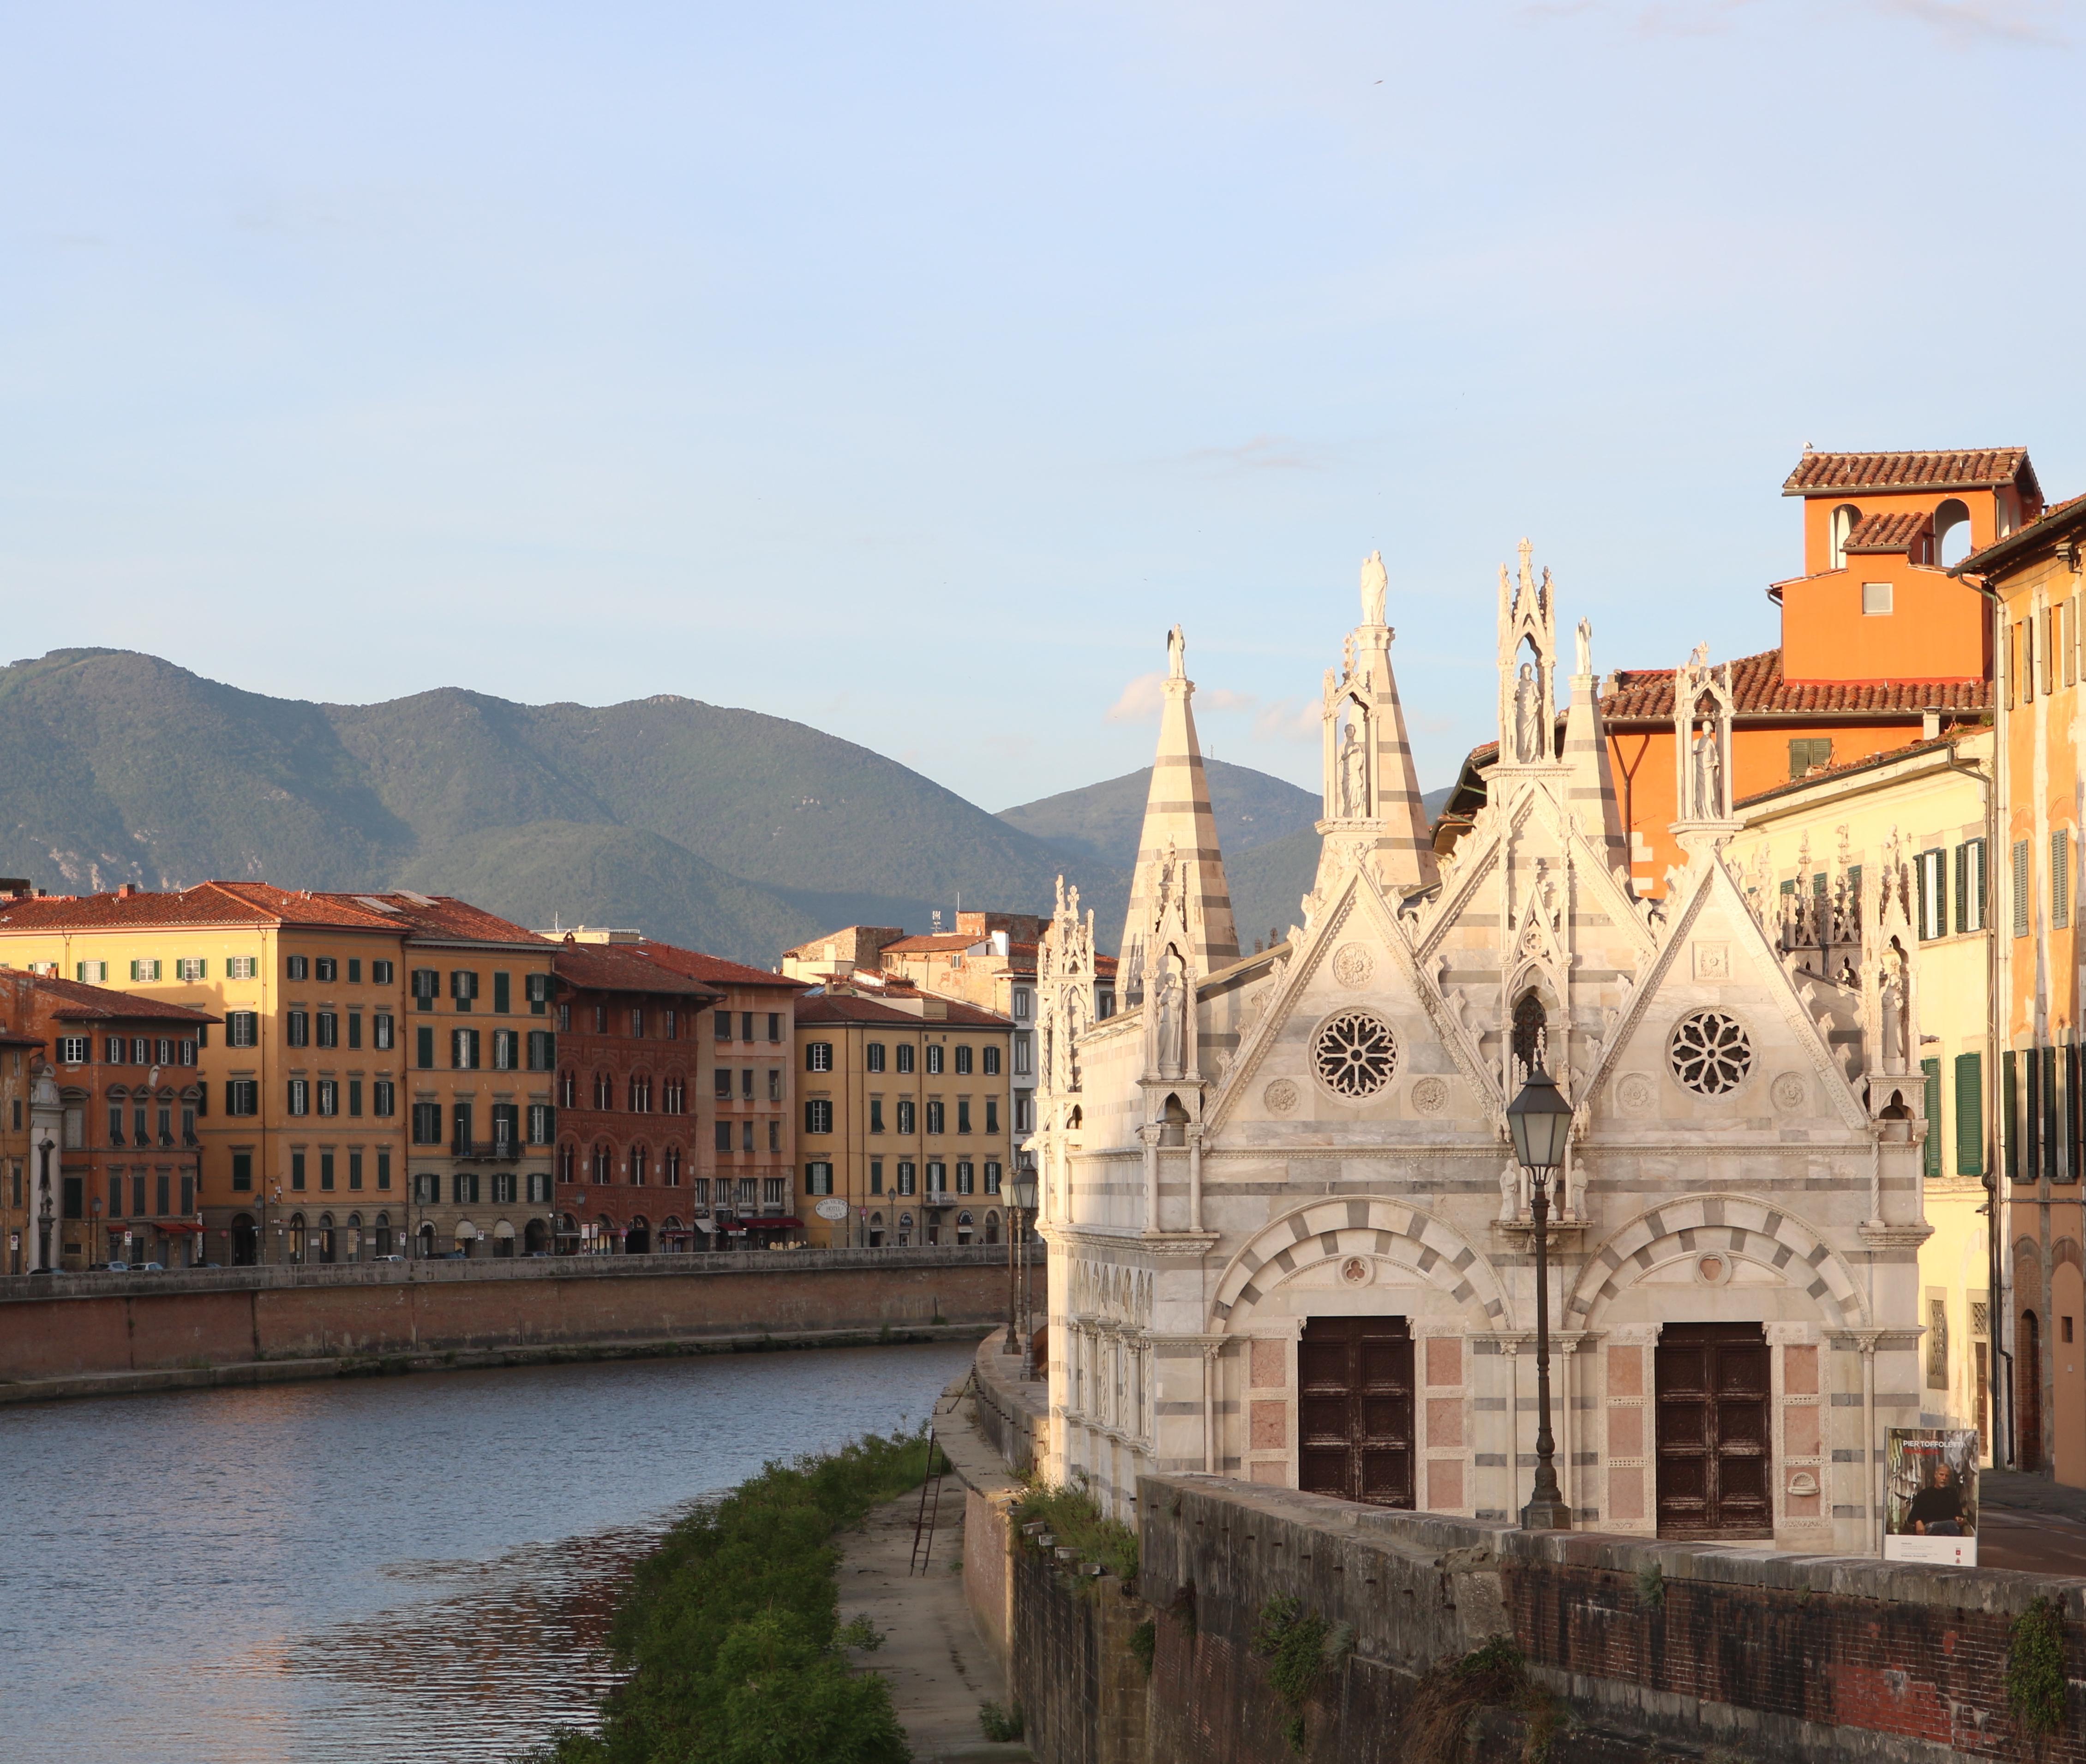 Facciata Chiesa di Santa Maria della Spina e Lungarno (A. Matteucci)